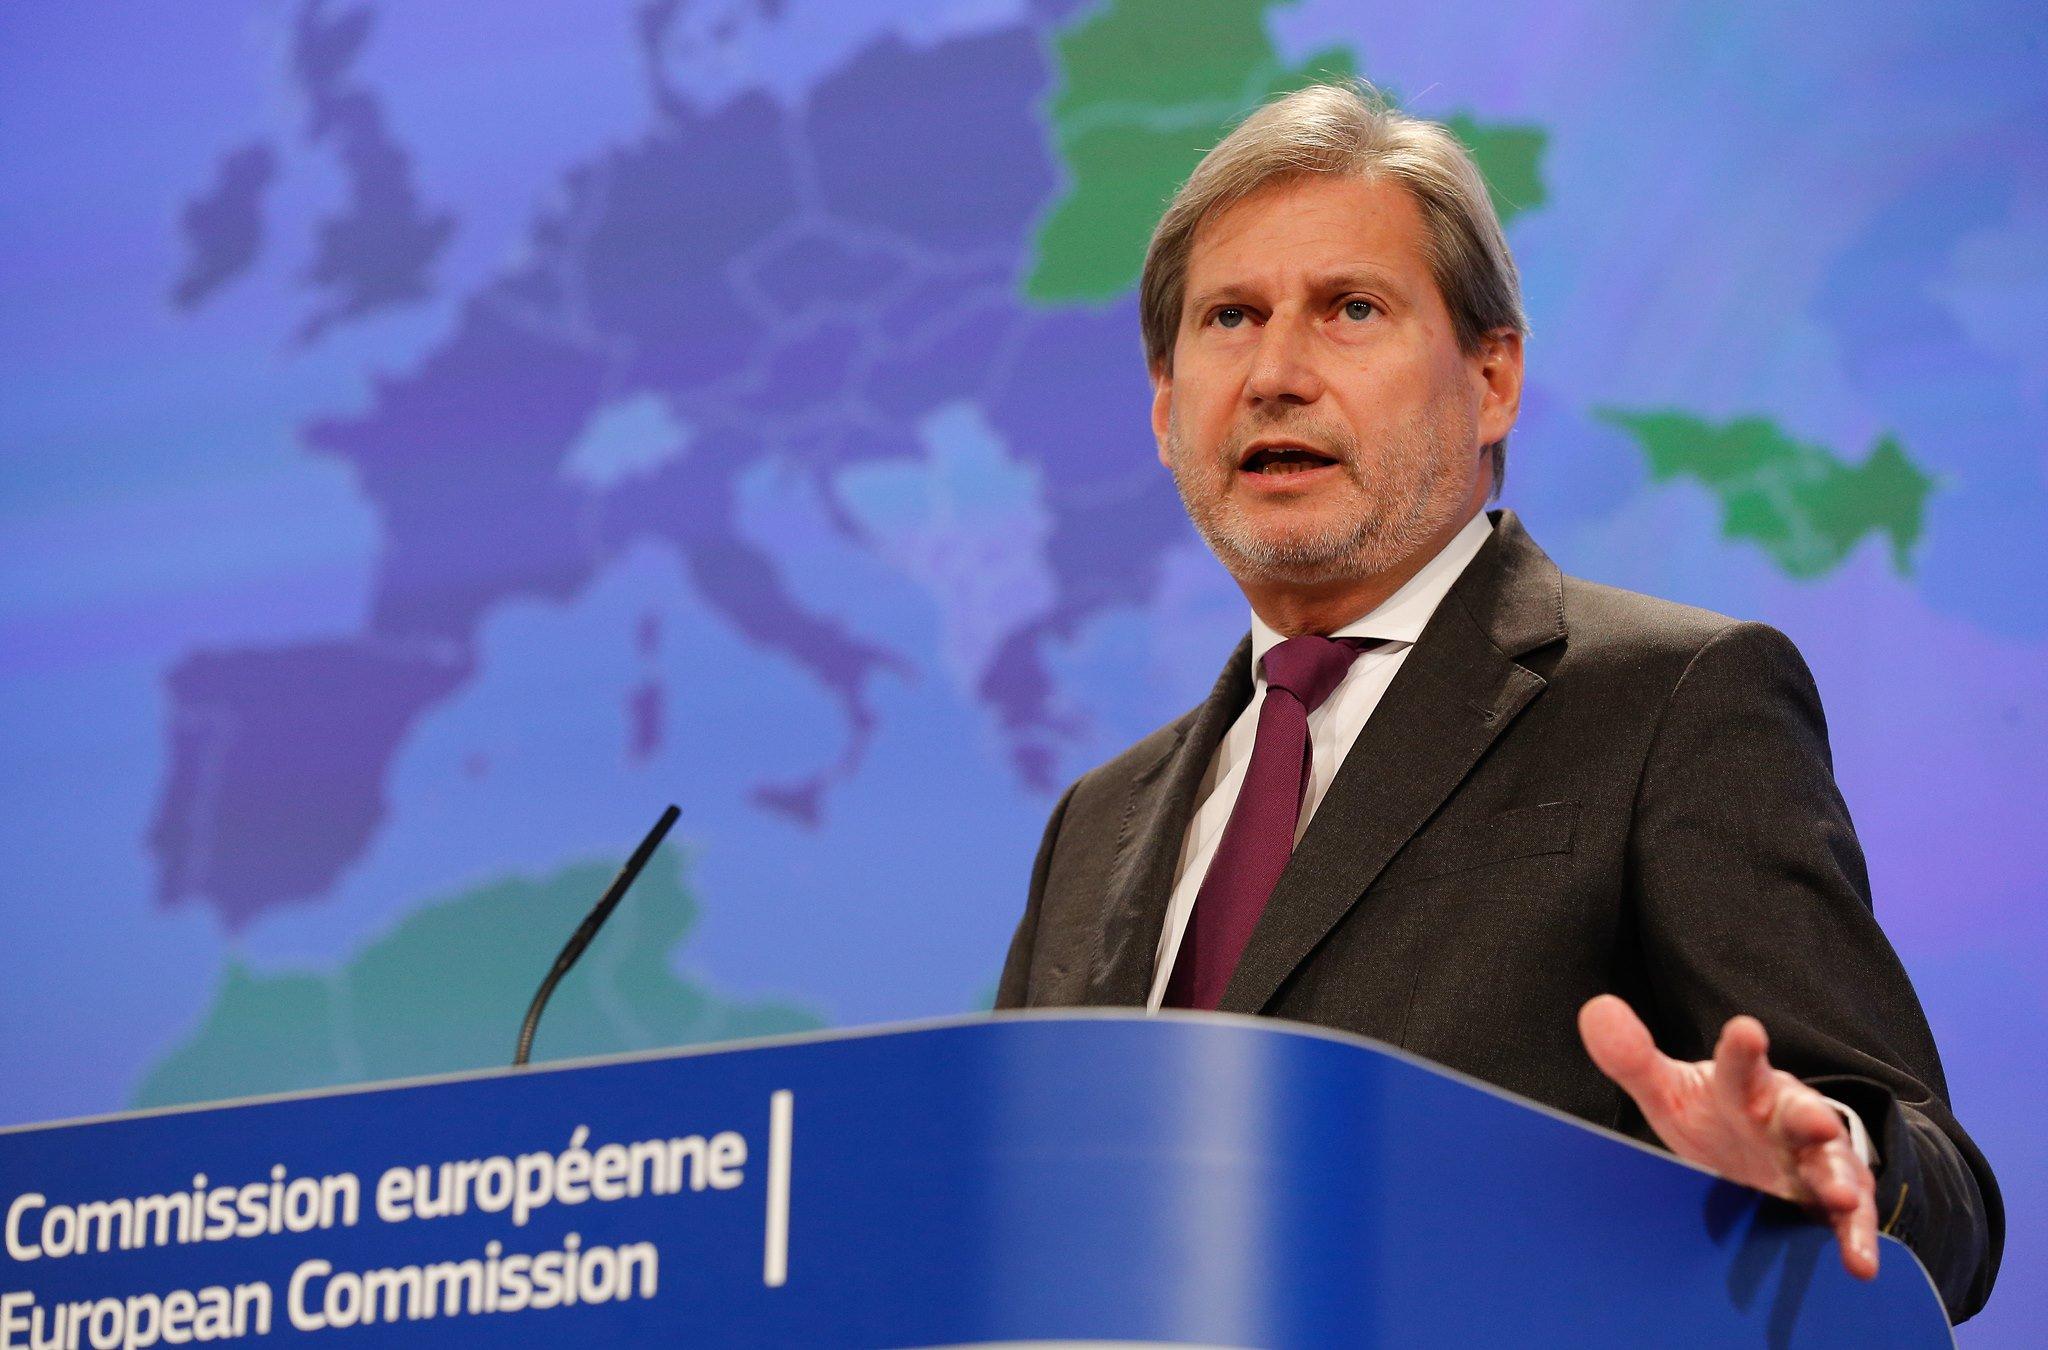 Η Συμφωνία Πρεσπών μπορεί να αποτελέσει καλό παράδειγμα για την περιοχή, λέει ο Hahn